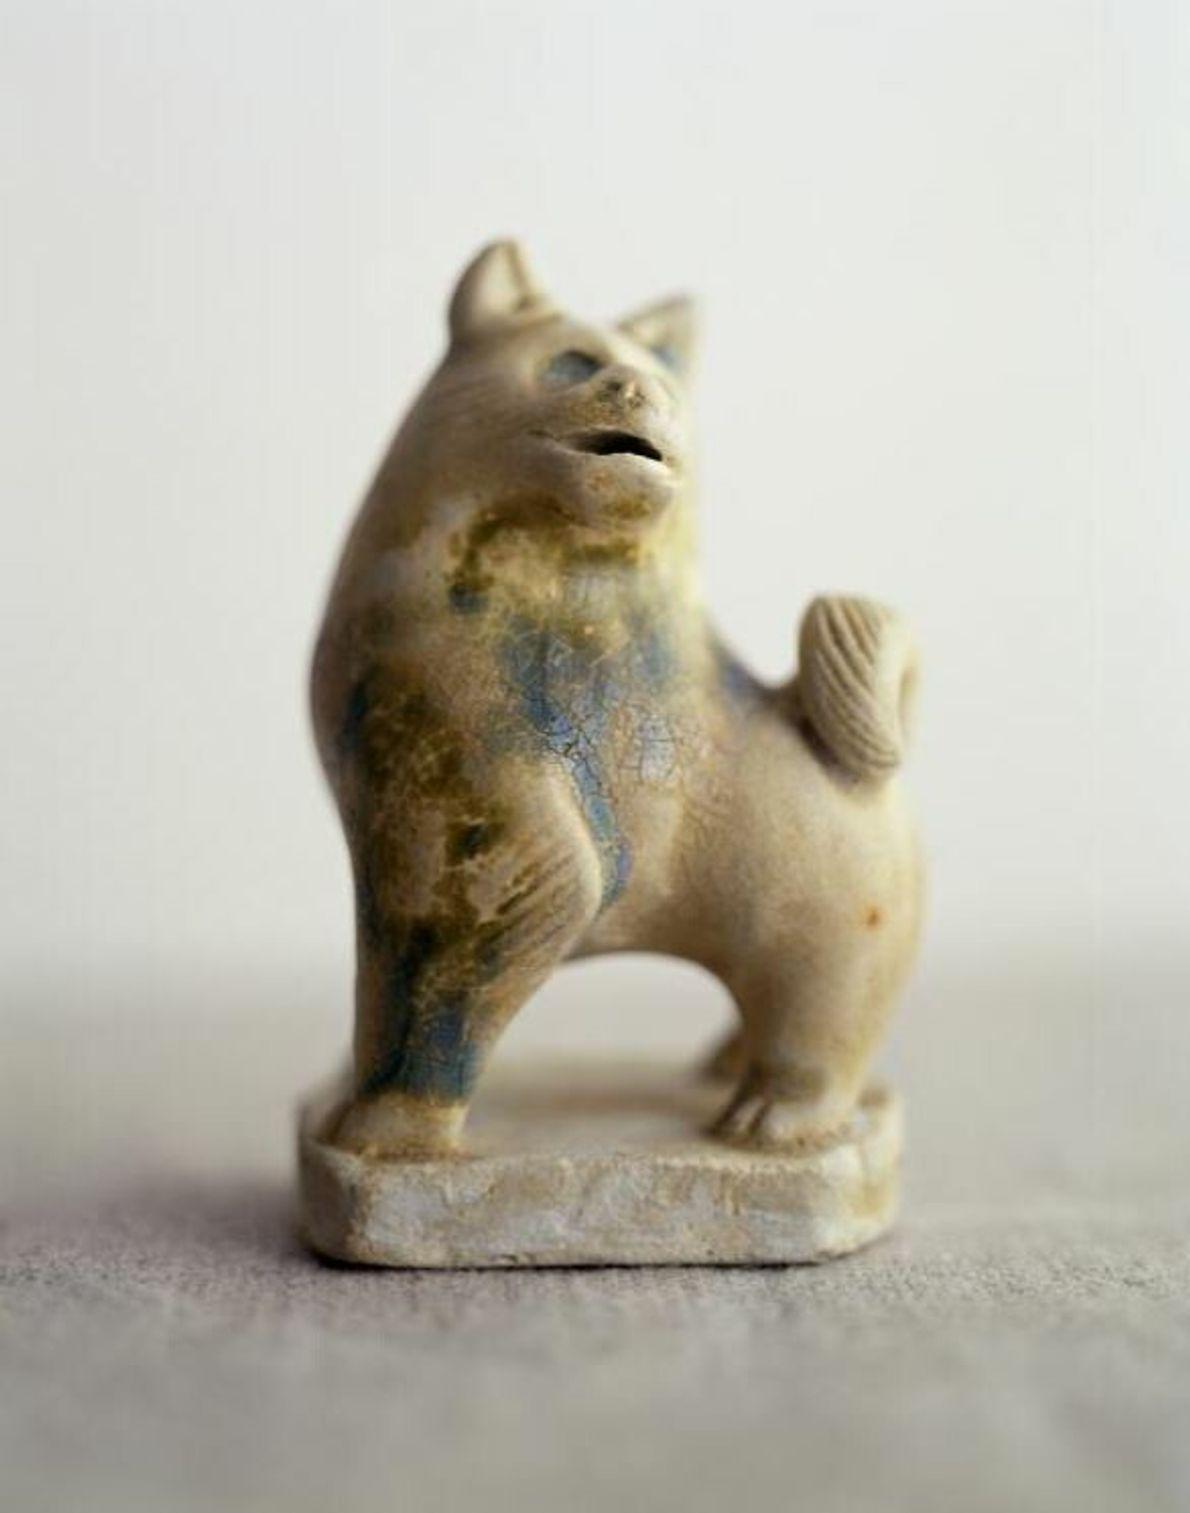 Outre les poteries cuites dans les fours à céramique de Changsha, l'épave de Belitung contenait également ...